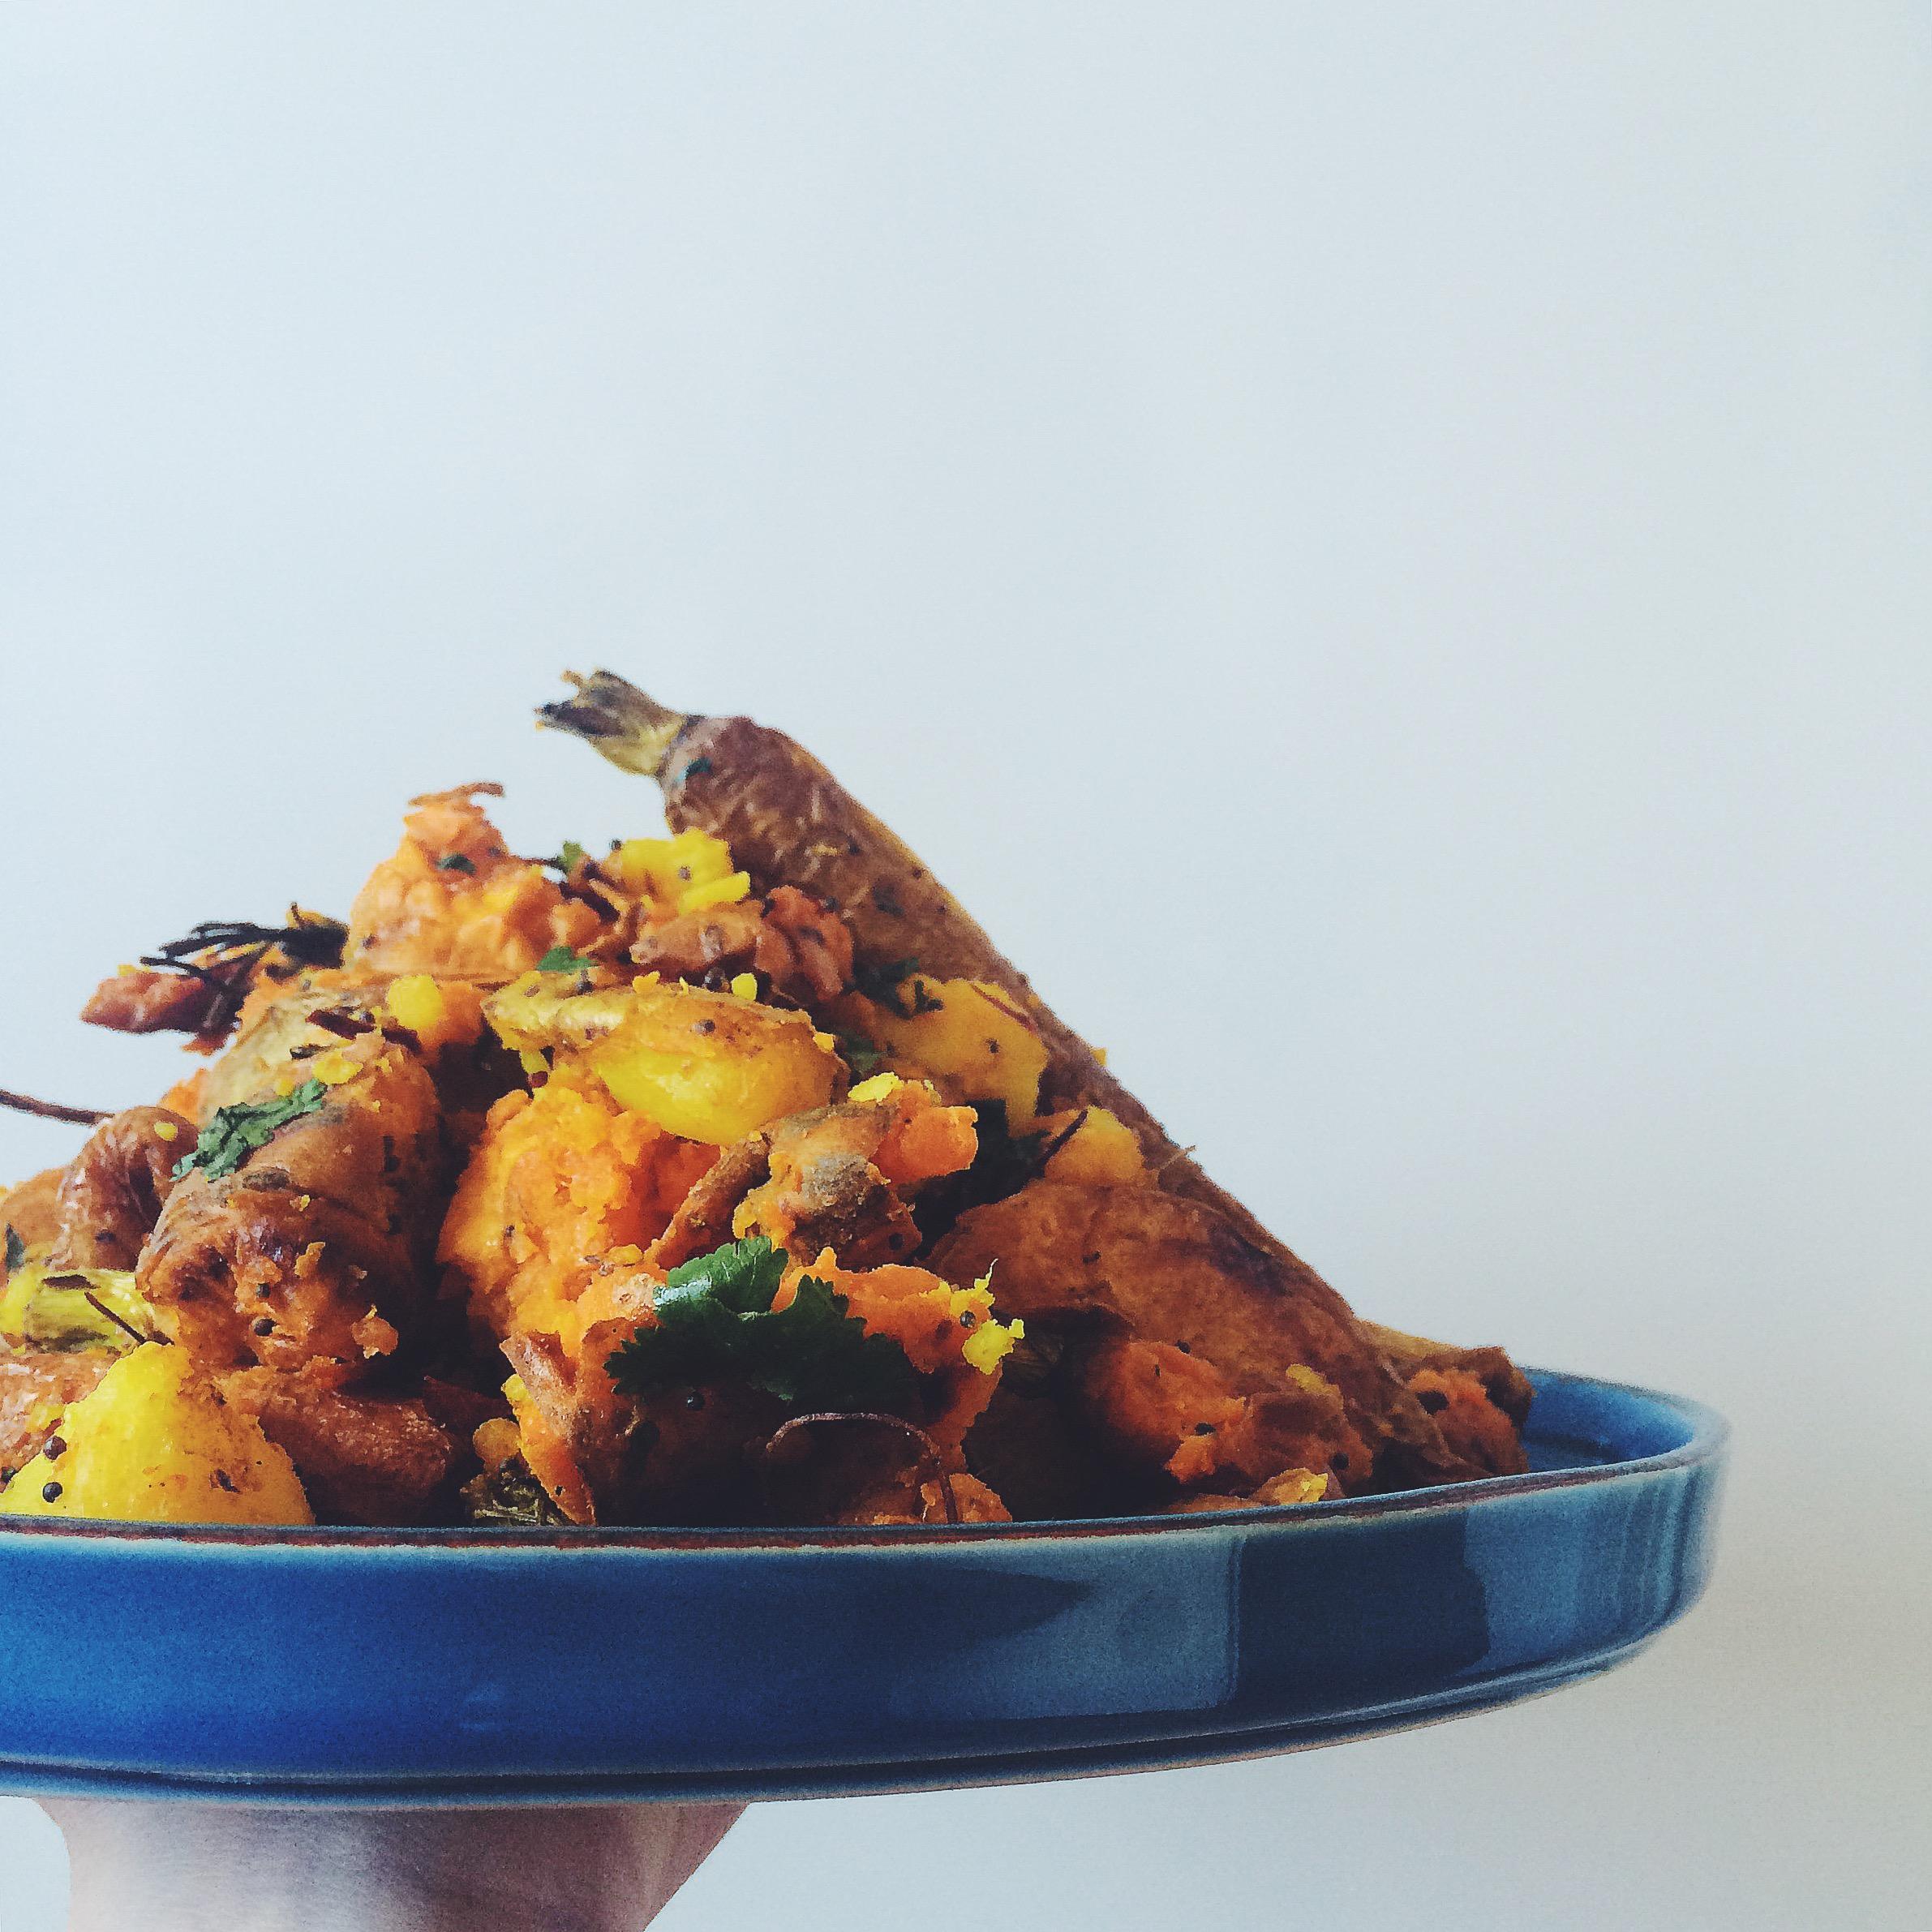 turmeric spiced vegetables